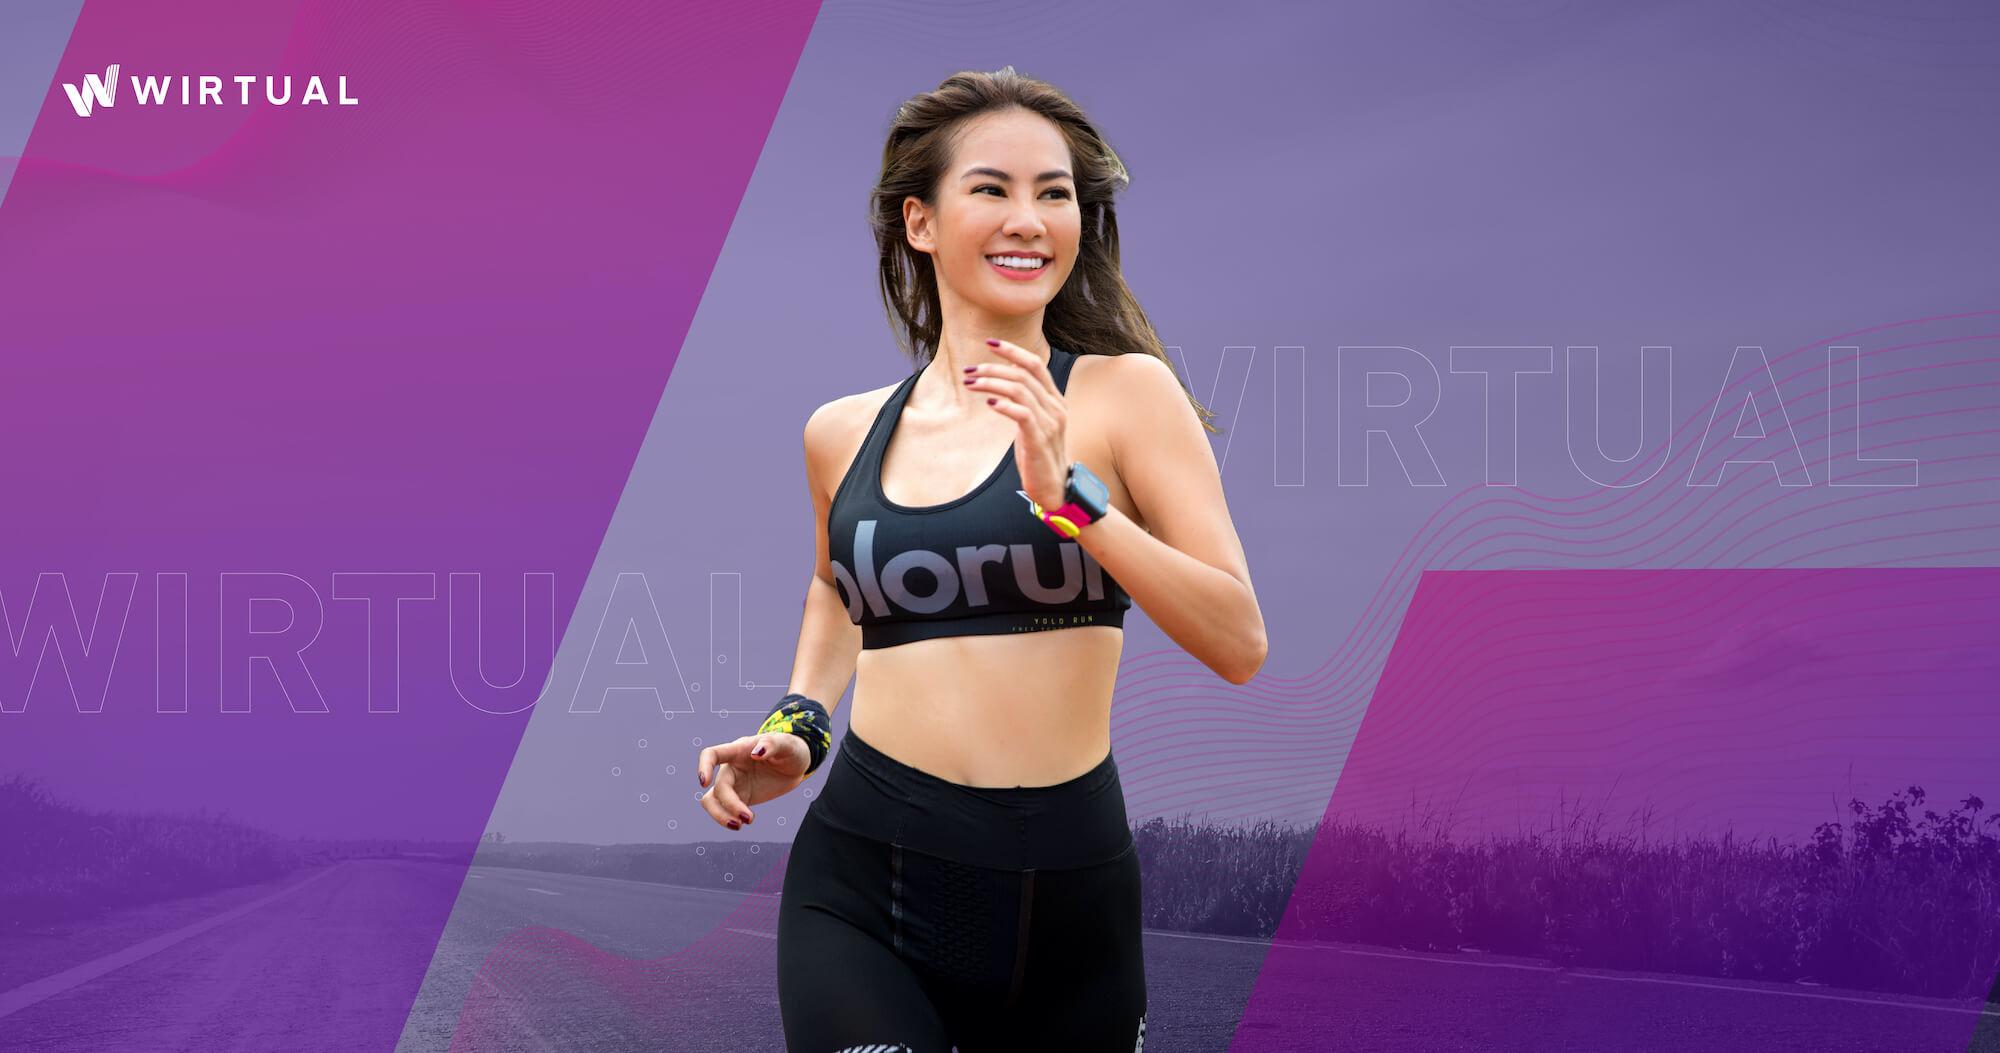 แจกฟรี! 6 เทคนิค Endurance Training สำหรับนักวิ่งมือใหม่ ฝึกวิ่งอย่างไรให้ร่างกายอึดคูณสอง โดยคุณมะนาว ภรณี ศรีธัญ นักวิ่งสาวที่เซ็กซี่ที่สุด